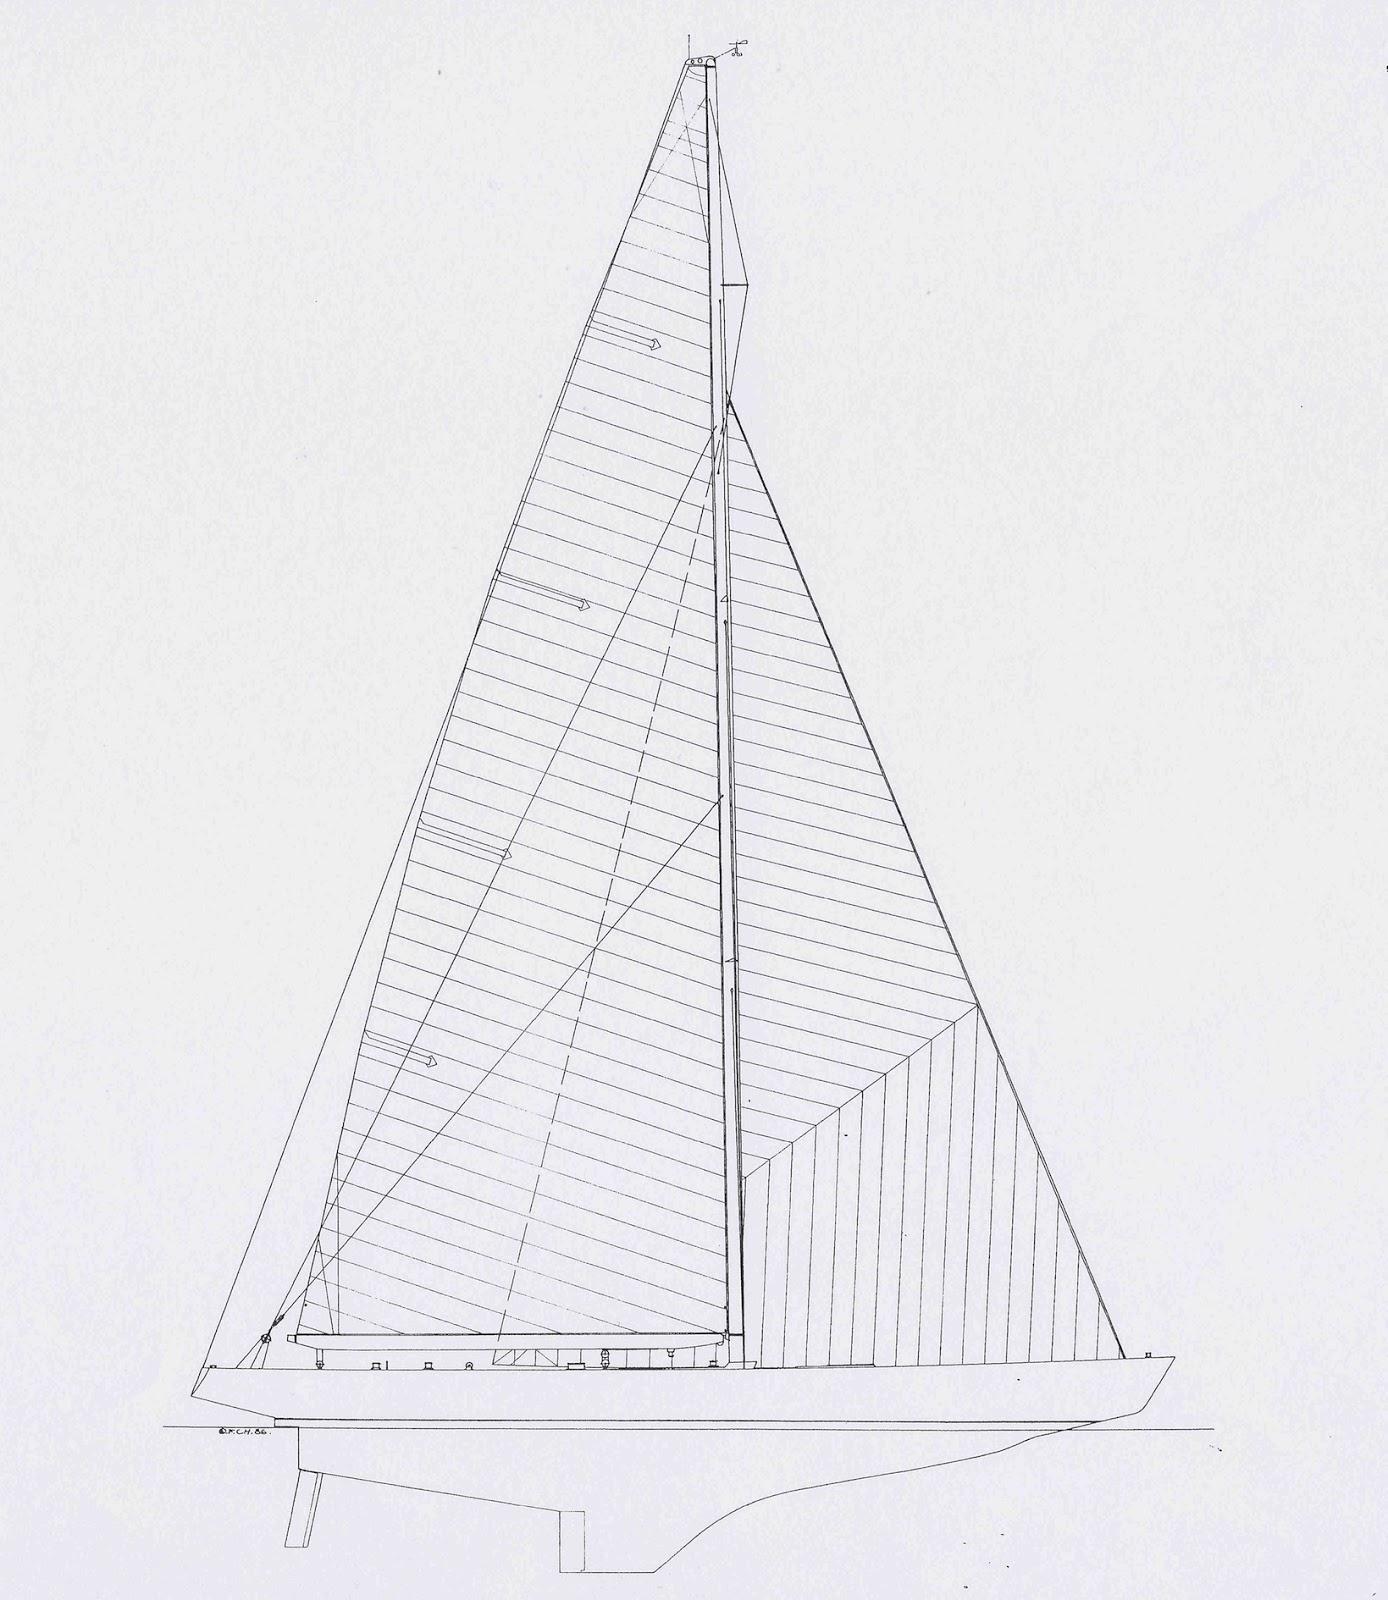 boat design challenge